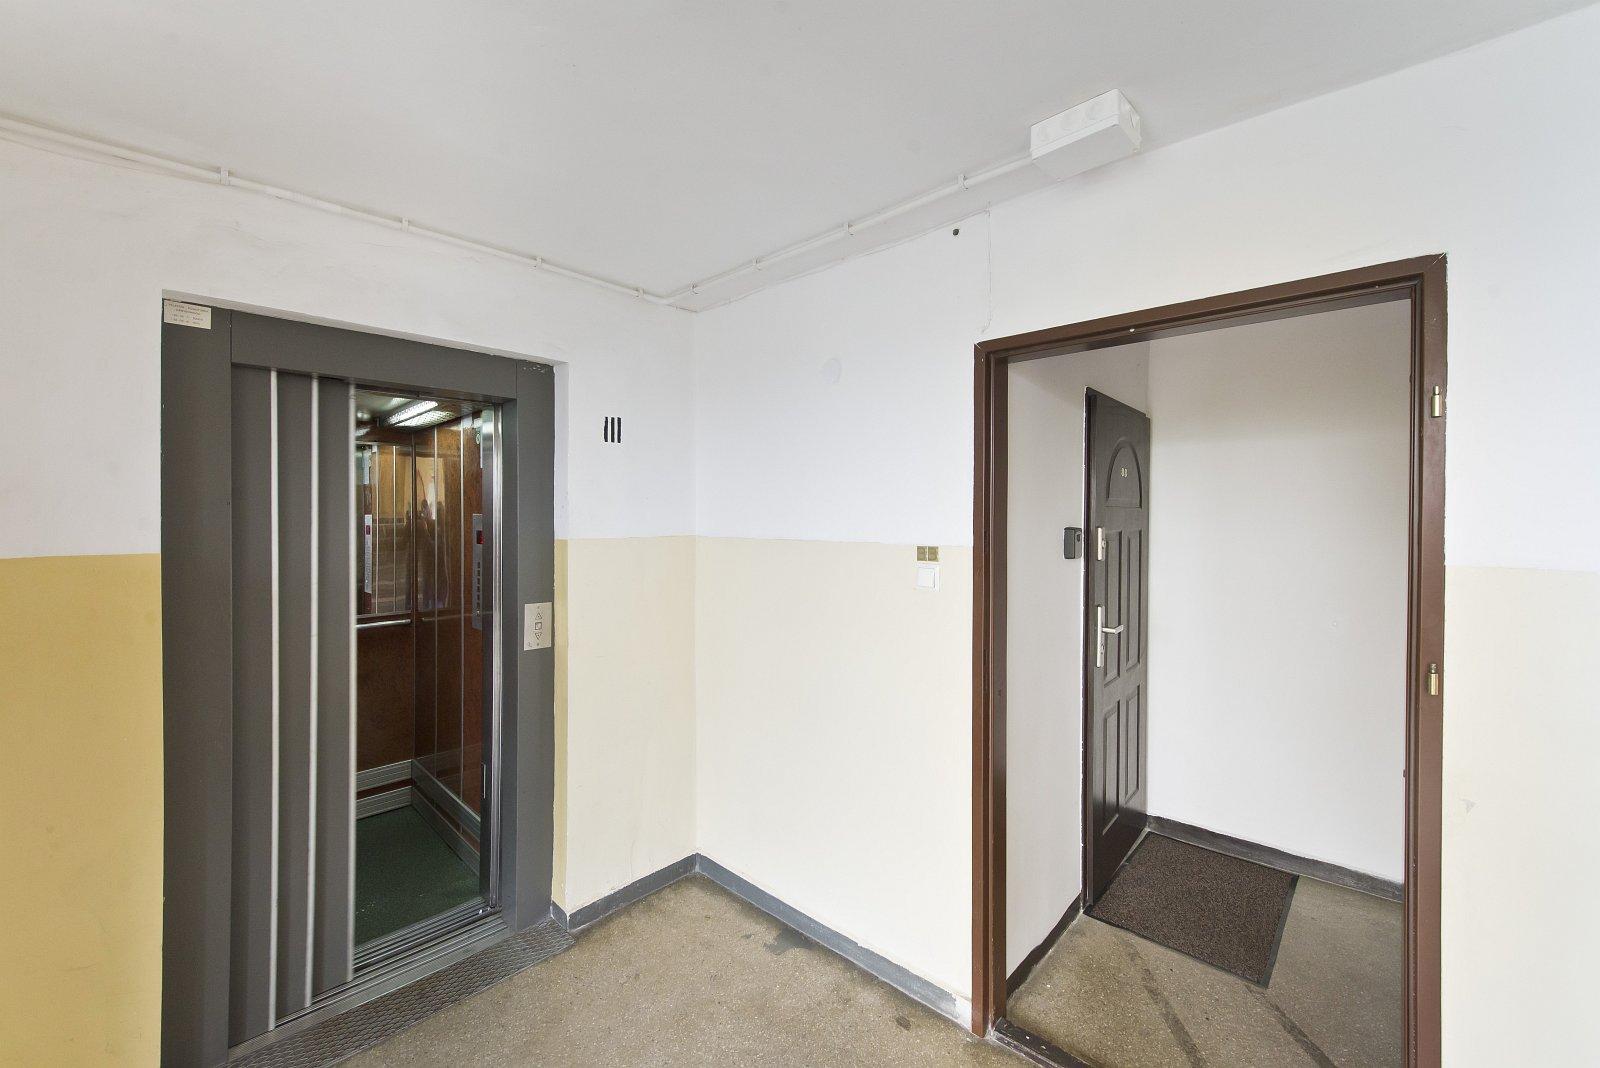 mieszkanie-wynajem-gdansk-ow6-05-03web